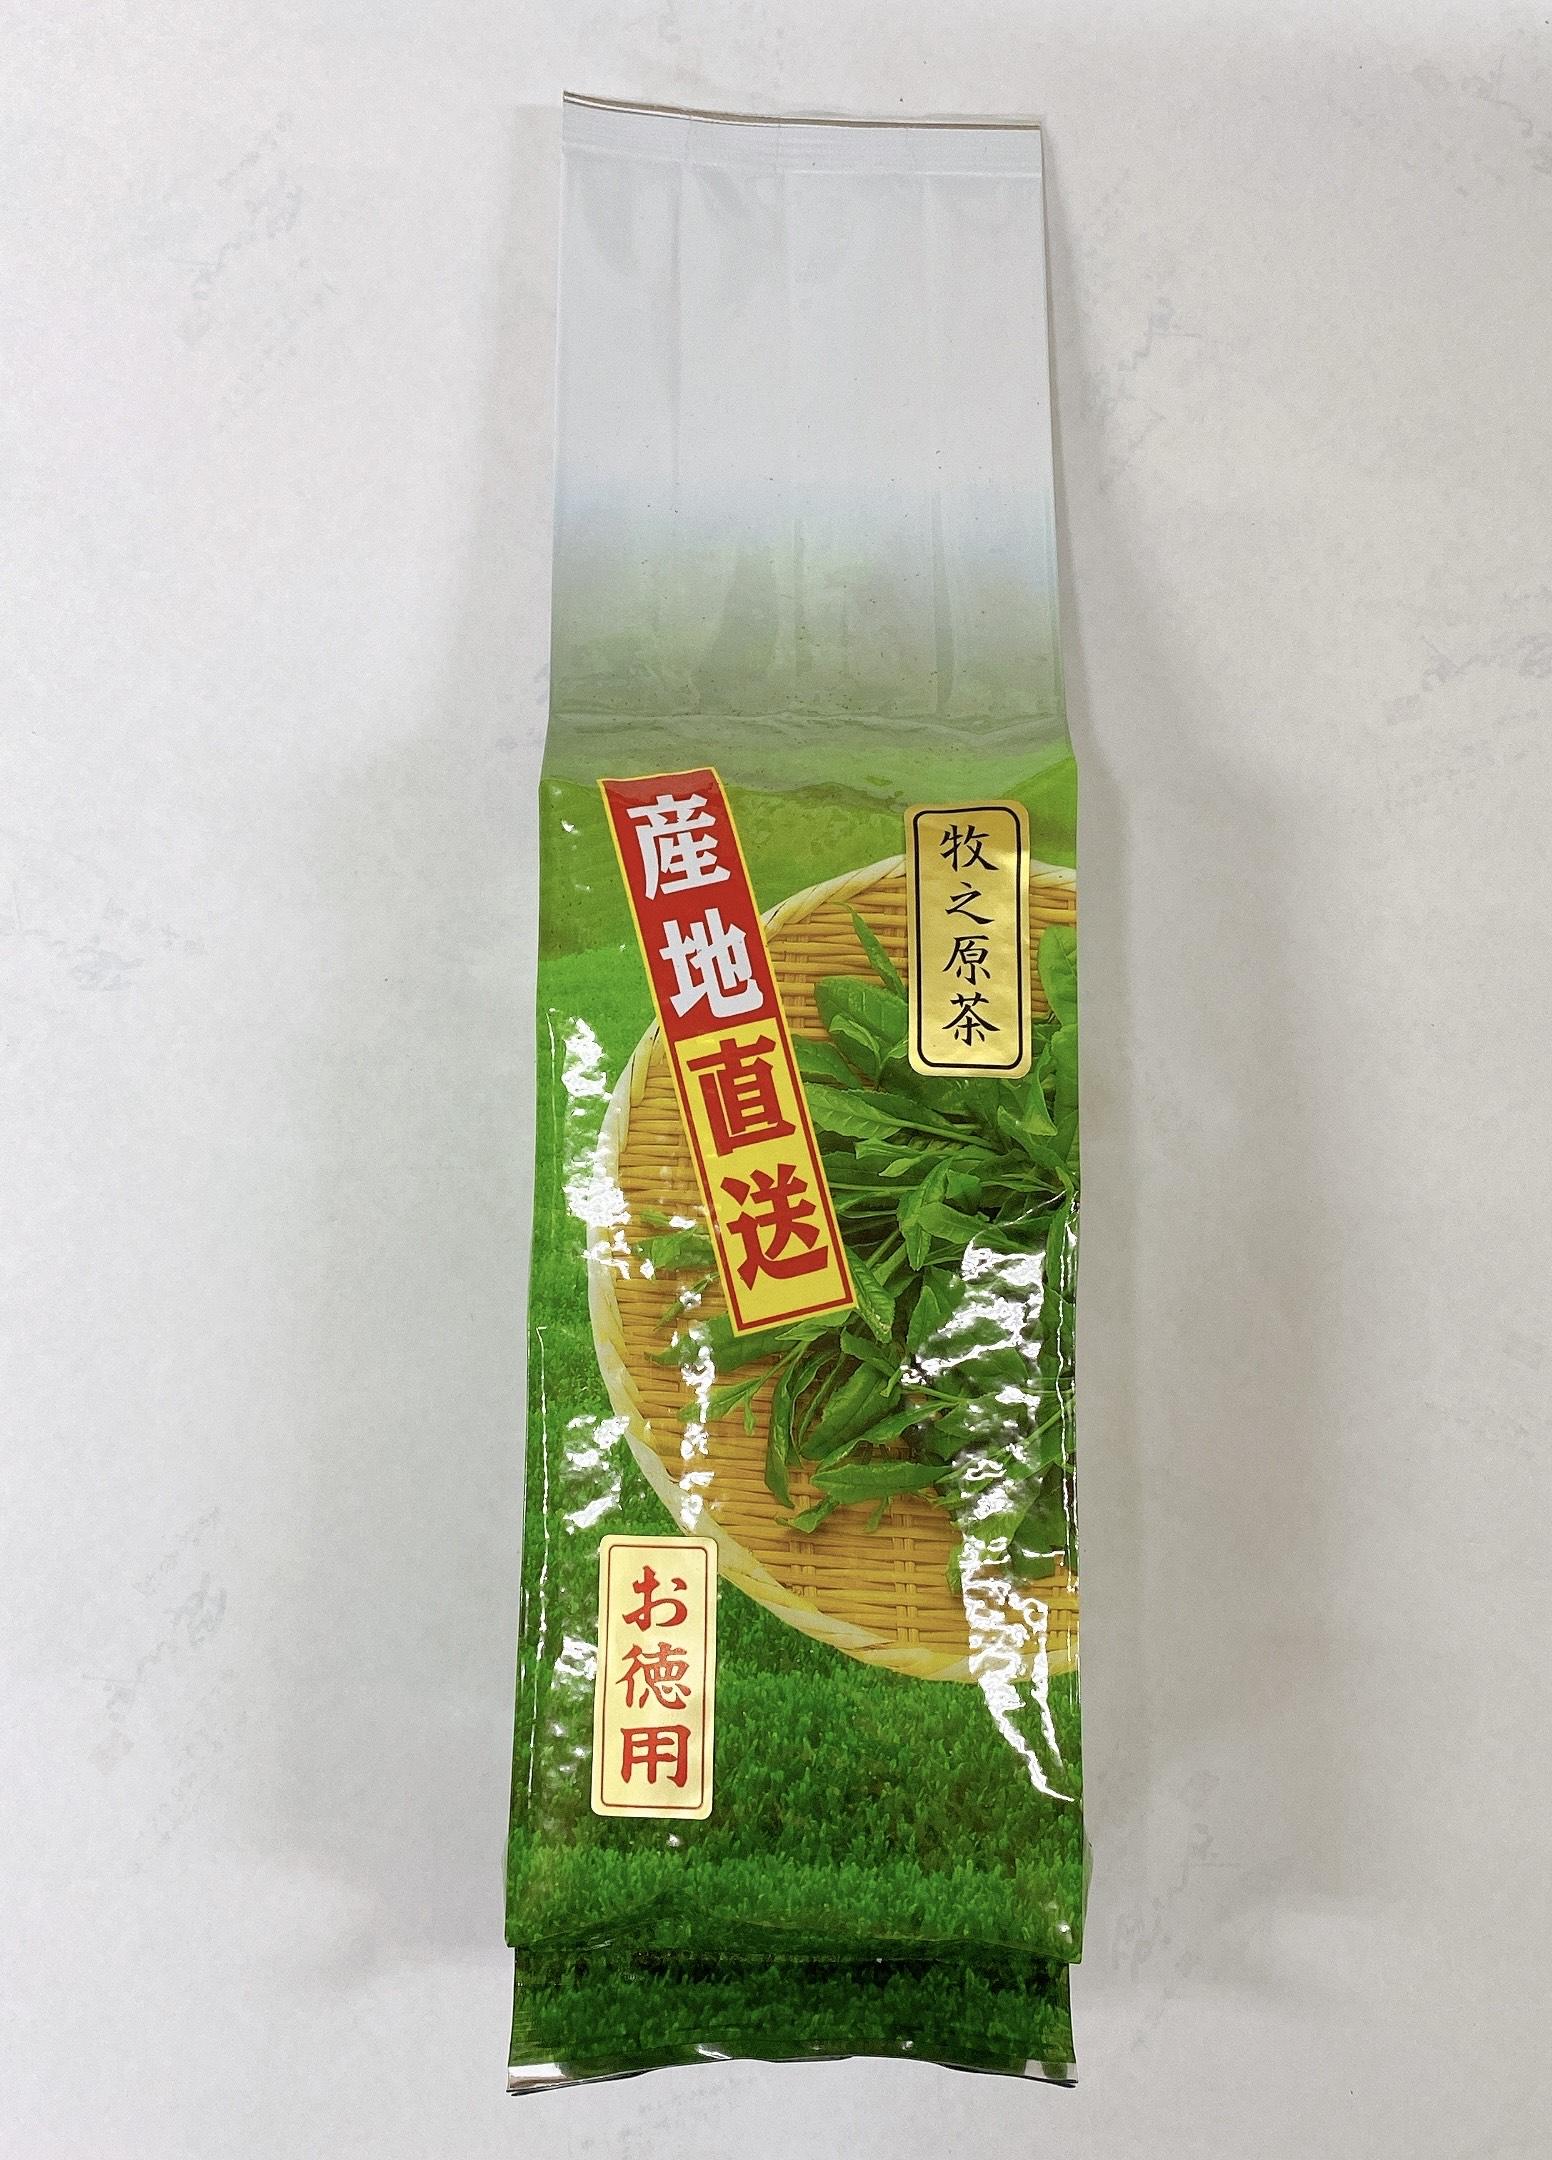 静岡茶(牧之原茶)05ご家庭用徳用茶